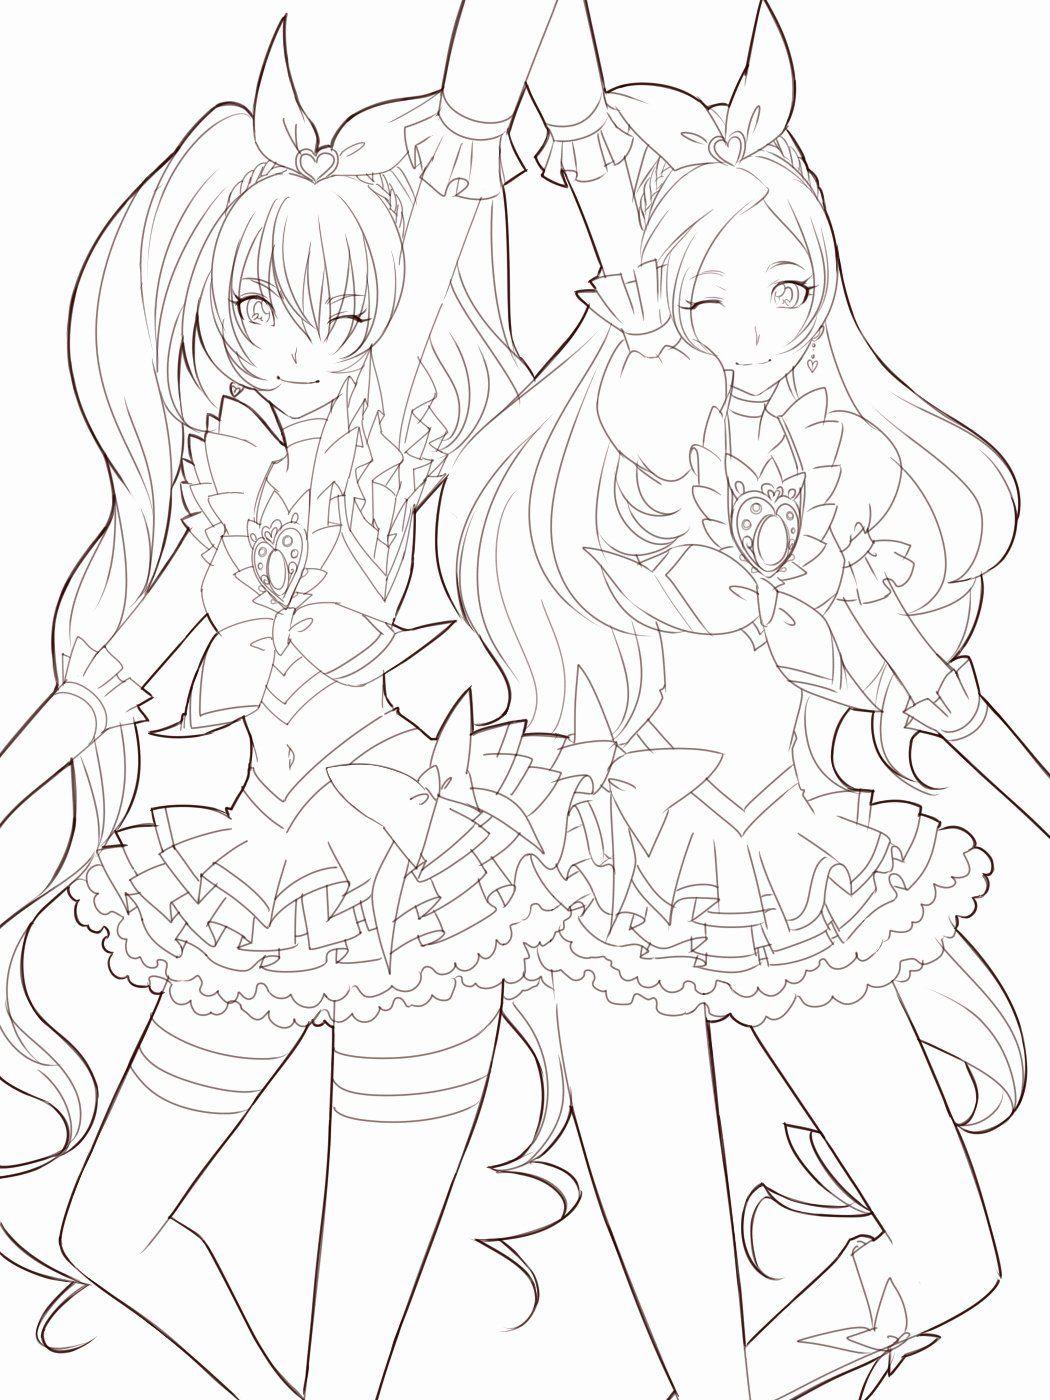 Shiki Anime Coloring Pages Printable Popular Durmiendo Y Sonando En La Cama Cute Ninos Durmie Manga Coloring Book Coloring Books Enchanted Forest Coloring Book [ 1400 x 1050 Pixel ]